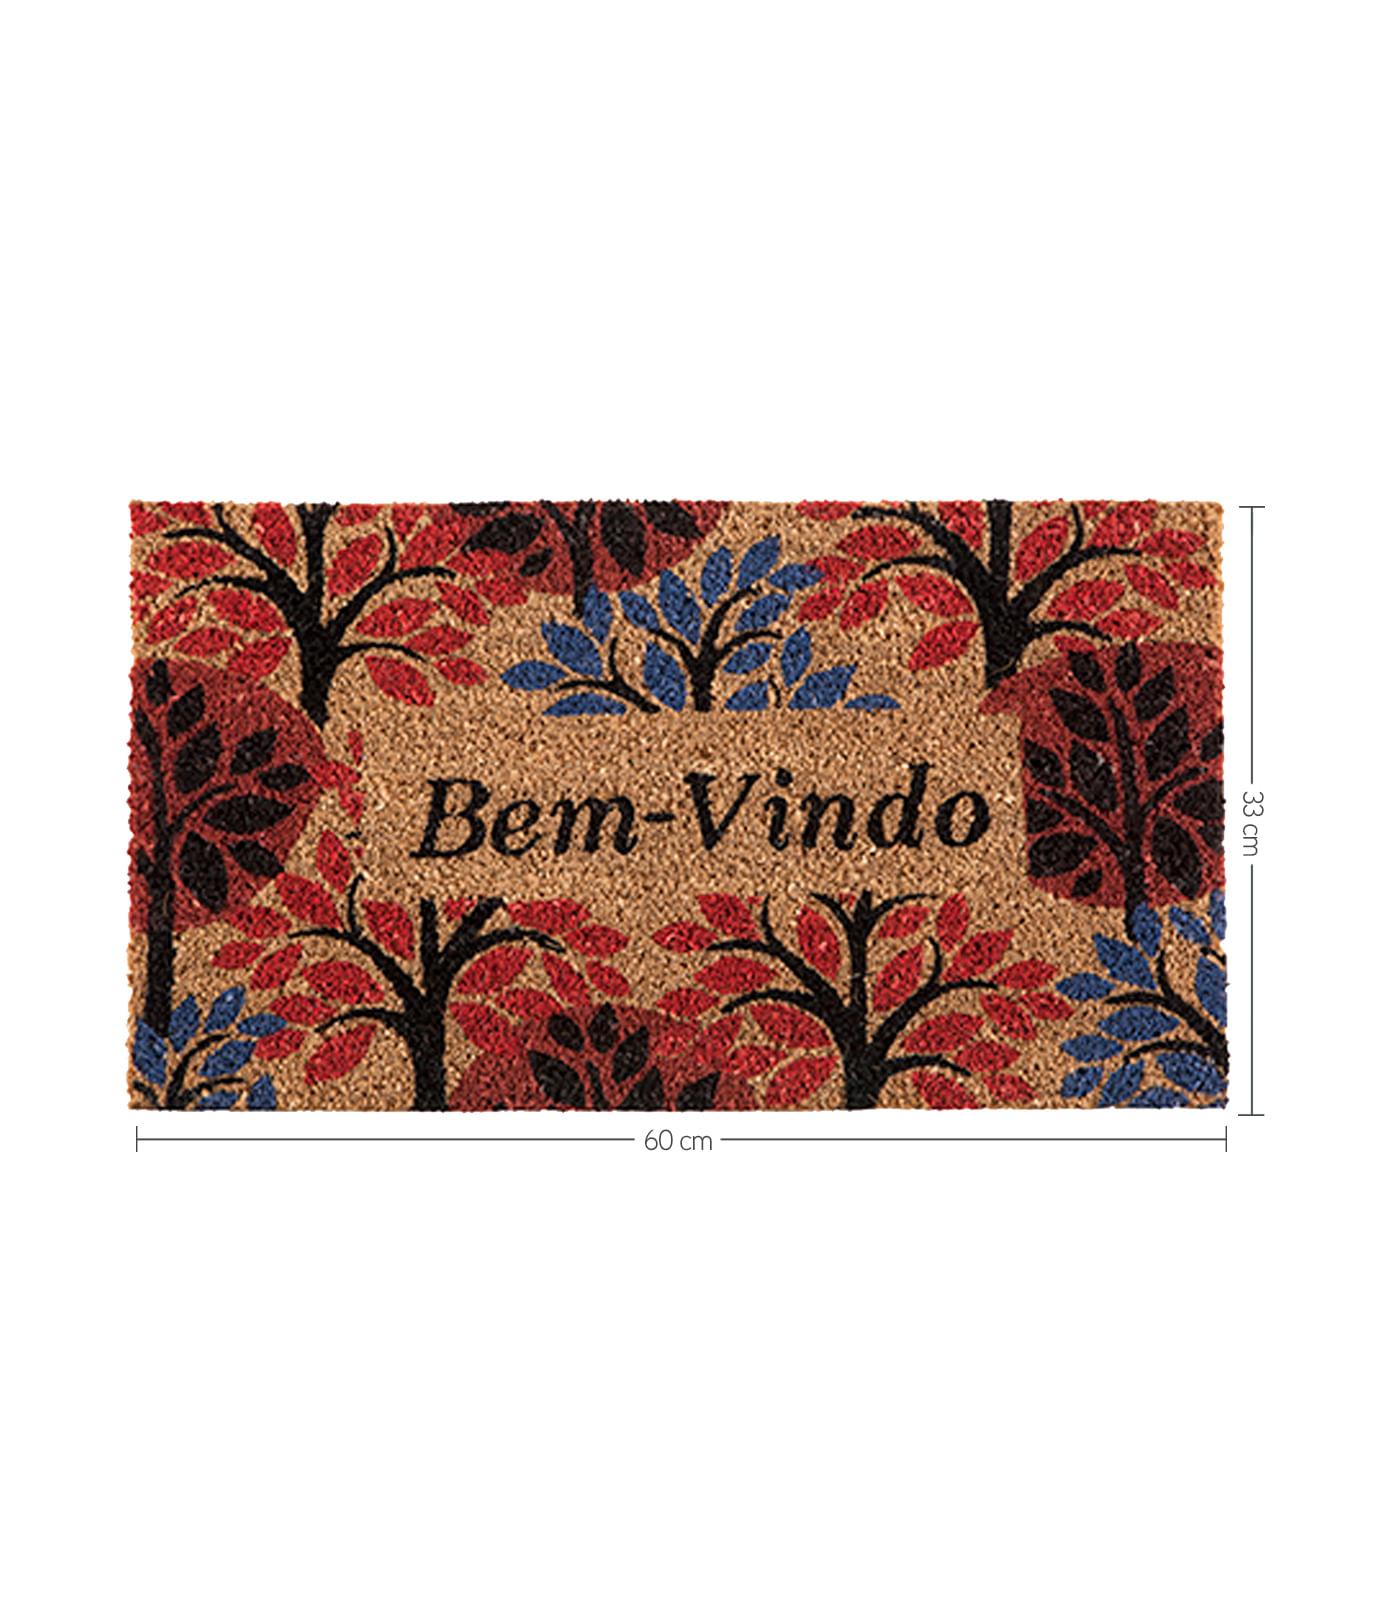 Capacho-Bem-Vindo-Tree-de-Fibra-de-Coco-Cortex-Unica